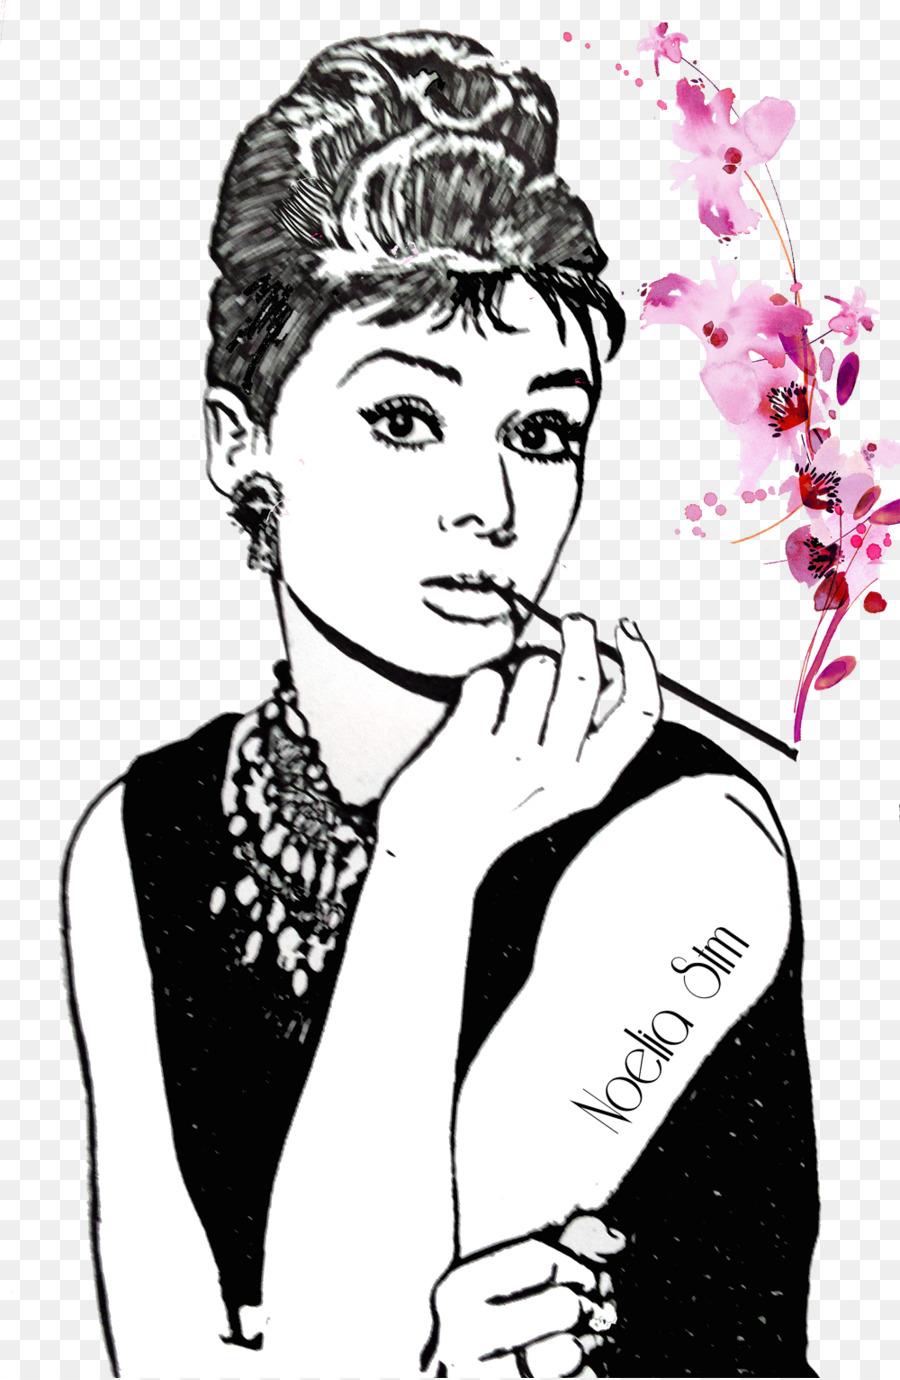 Breakfast at Tiffany\'s Audrey Hepburn Bedroom - pop arte png ...